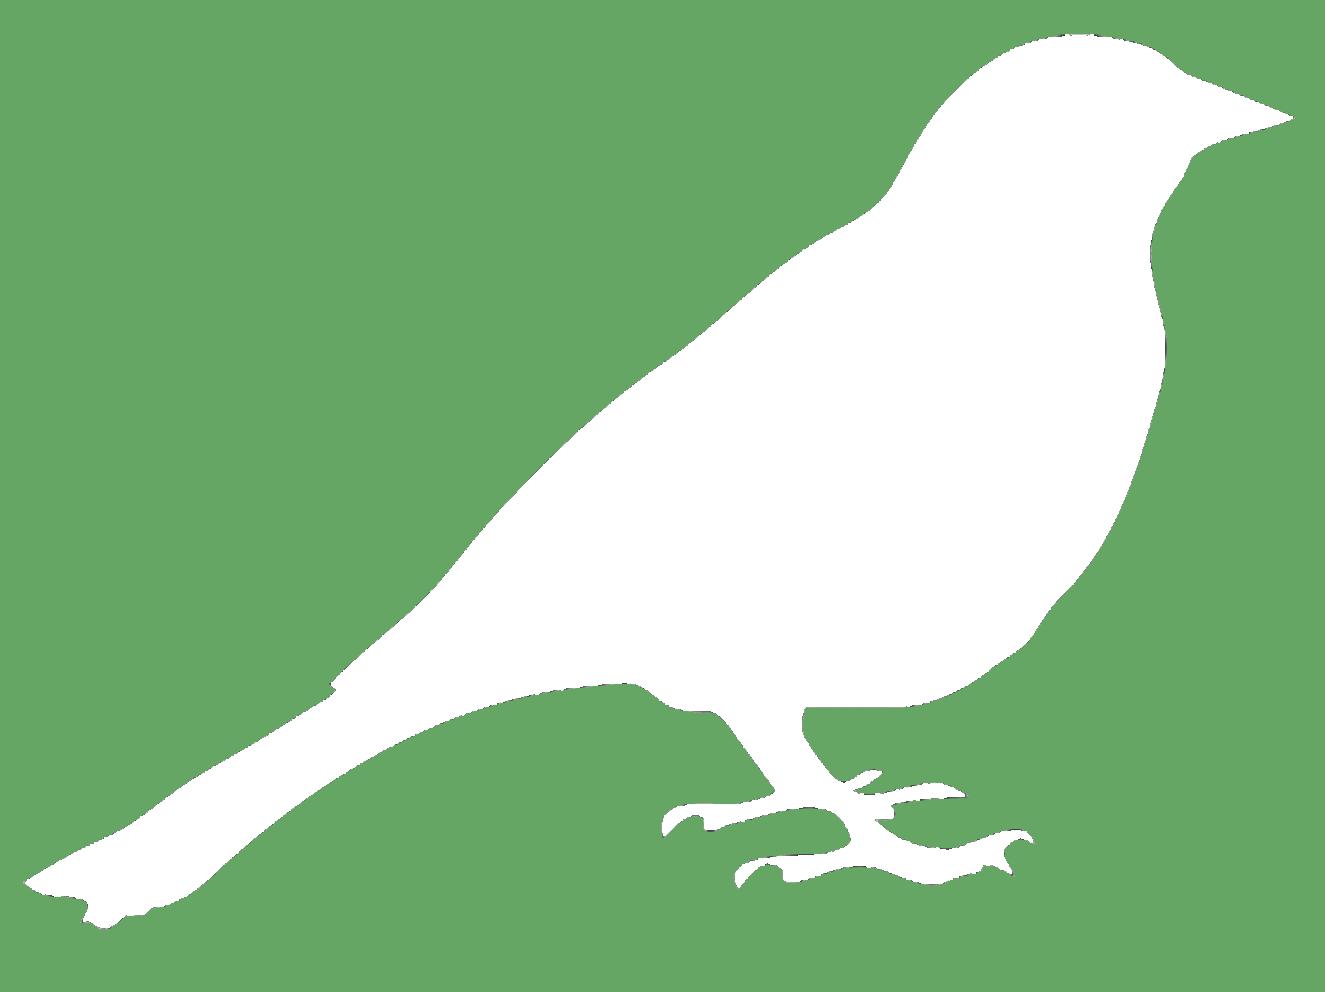 bird-symbol.png